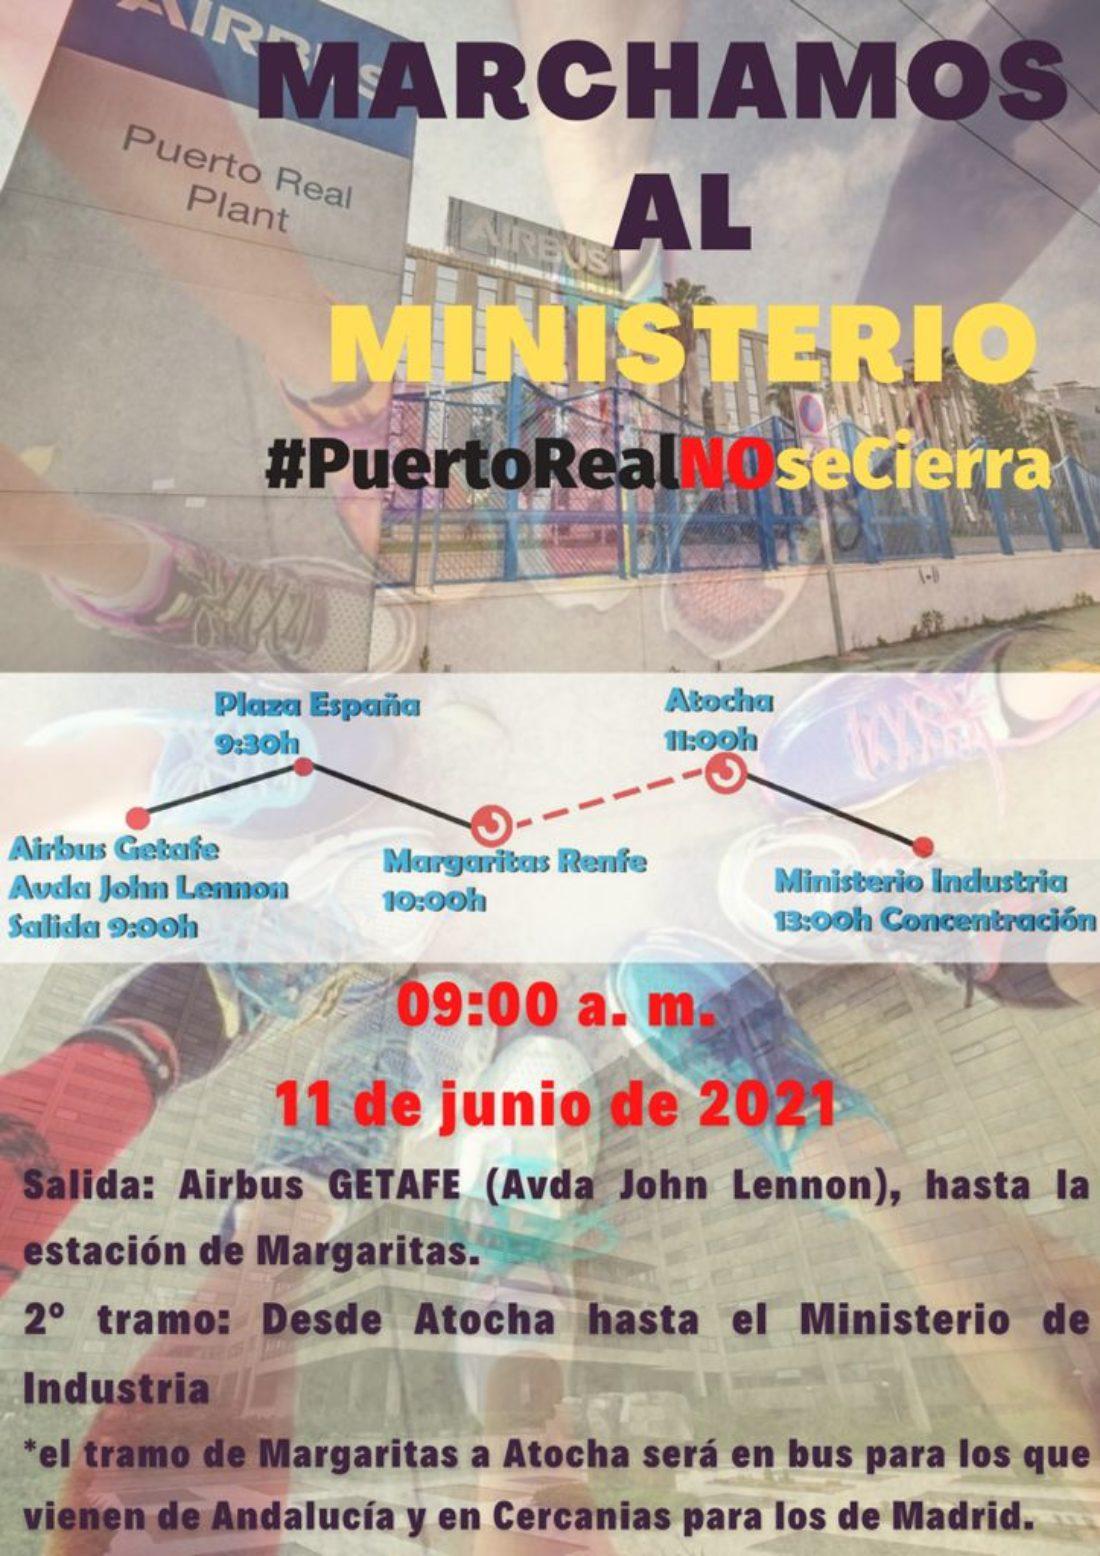 Únete a la Marcha por la Dignidad: Puerto Real no se cierra. Para que traigan cargas de trabajo en todos los centros